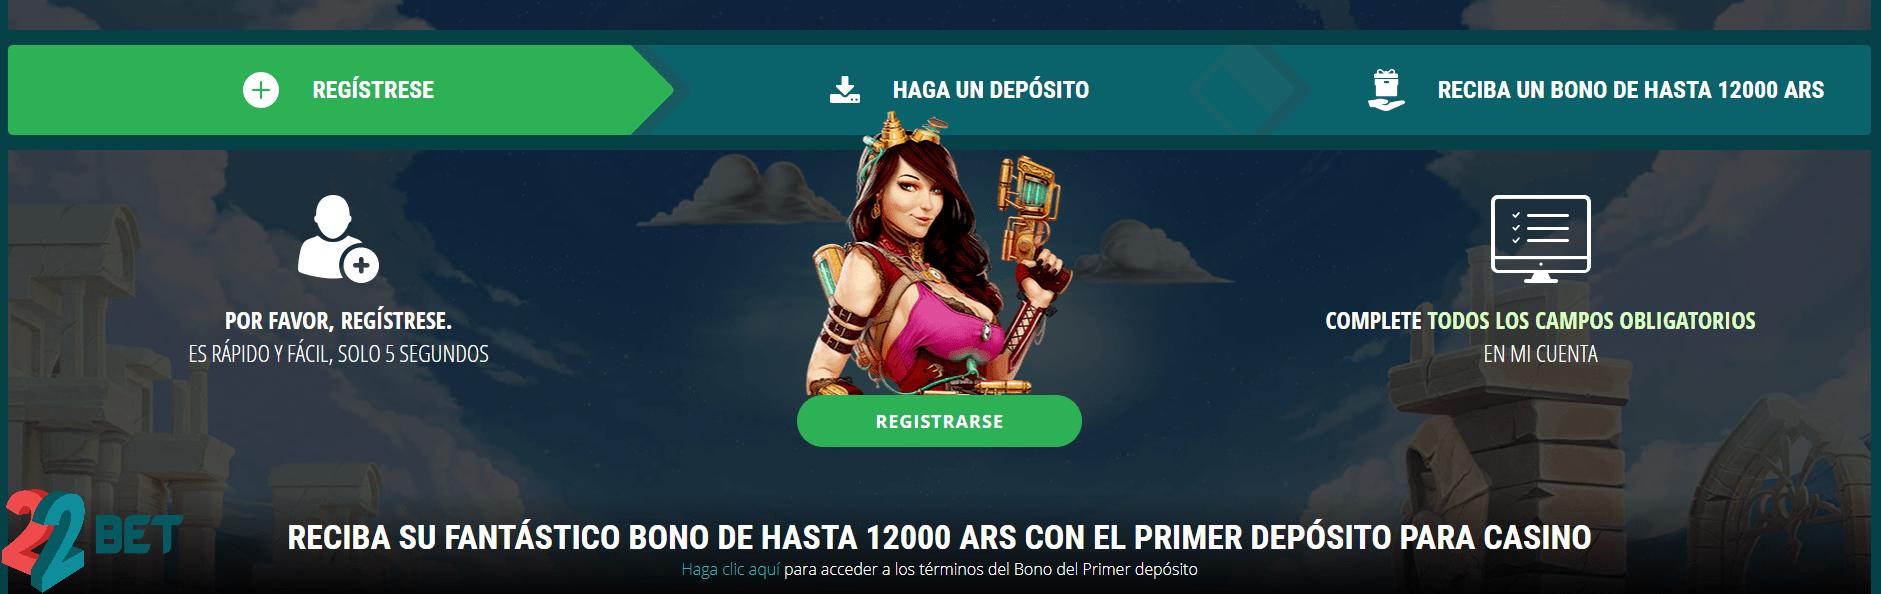 Argentina 22Bet Casino